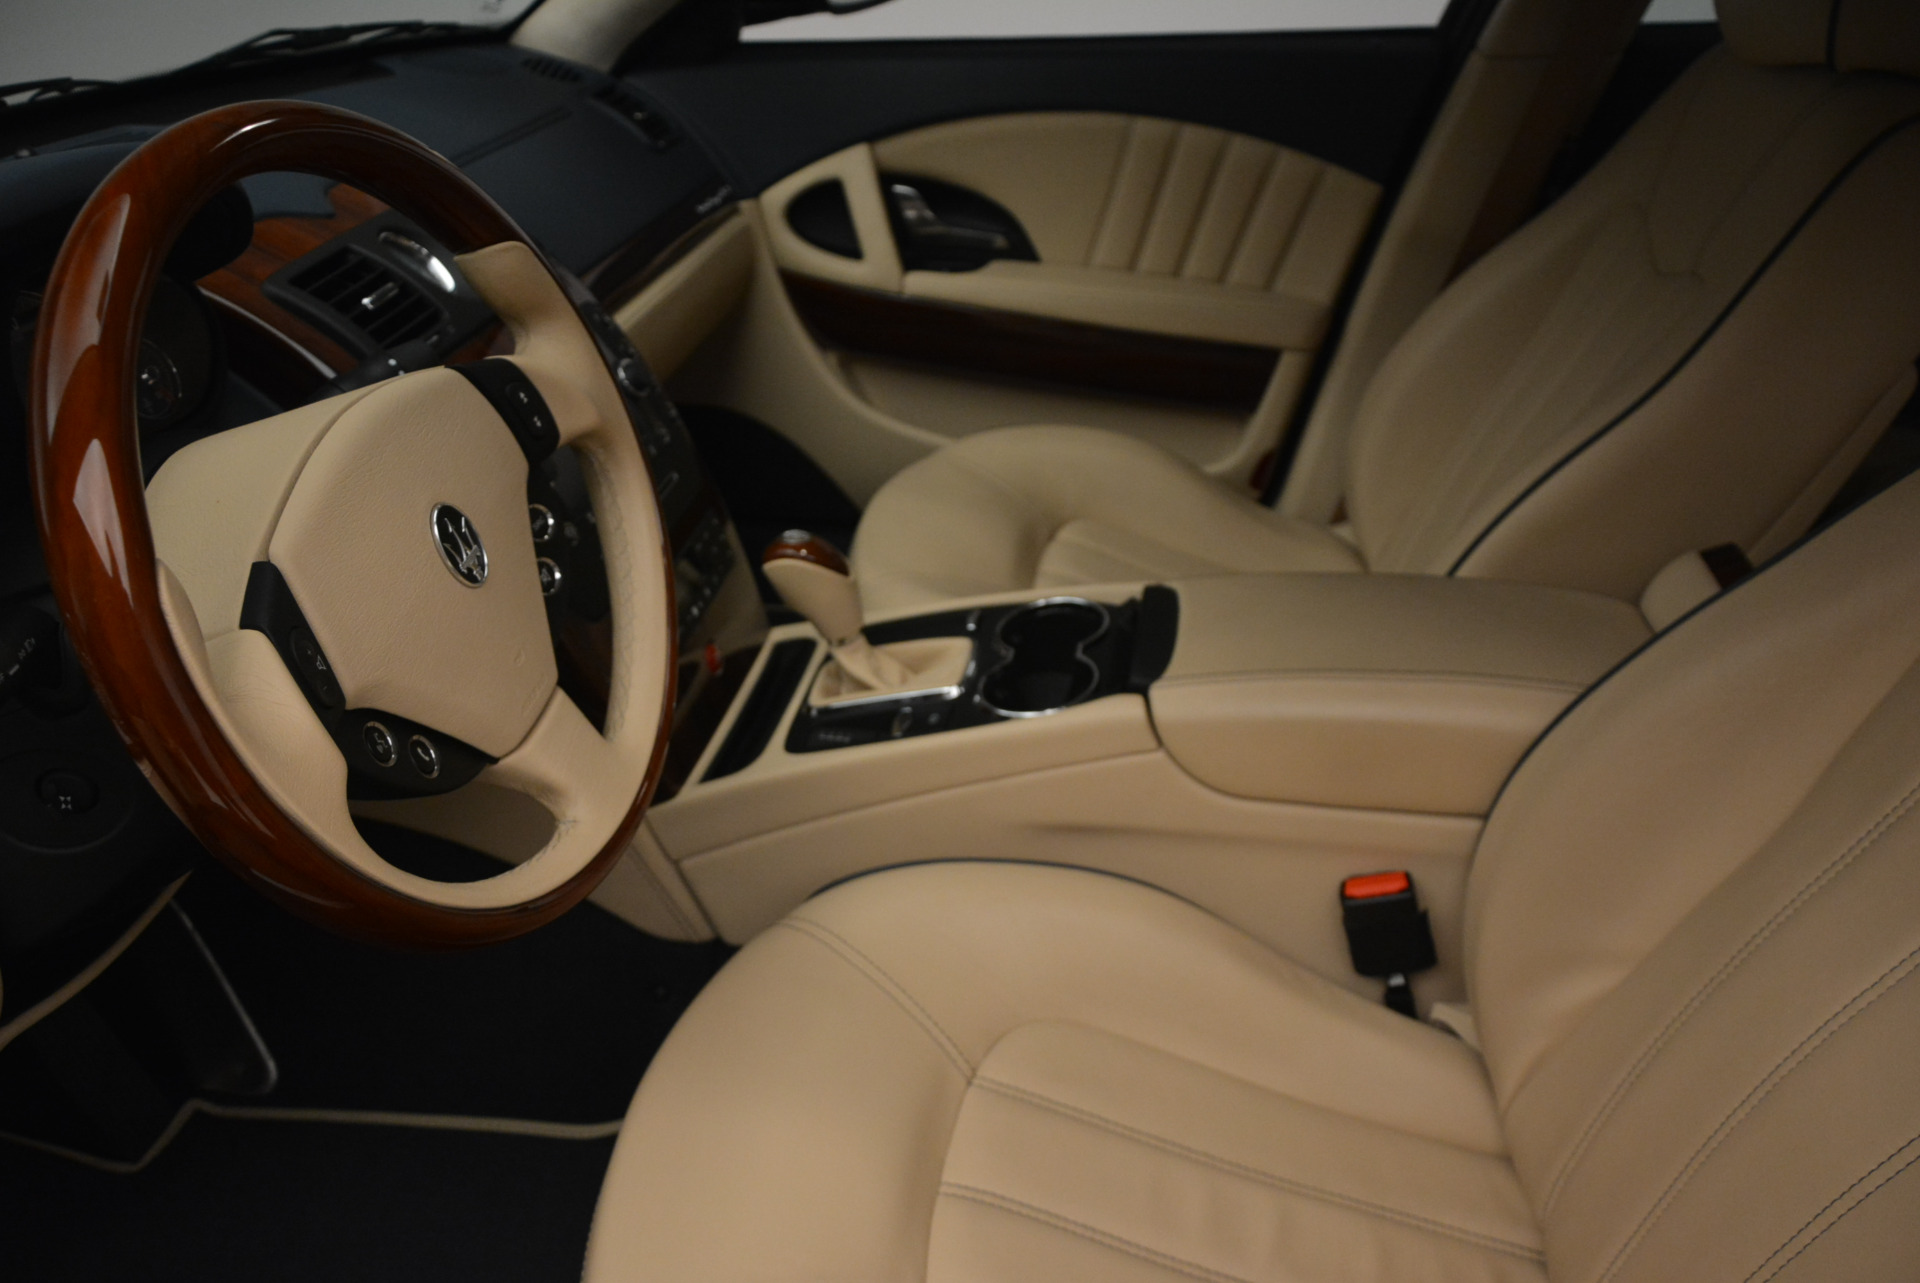 Used 2010 Maserati Quattroporte S For Sale In Greenwich, CT. Alfa Romeo of Greenwich, 1267 795_p14